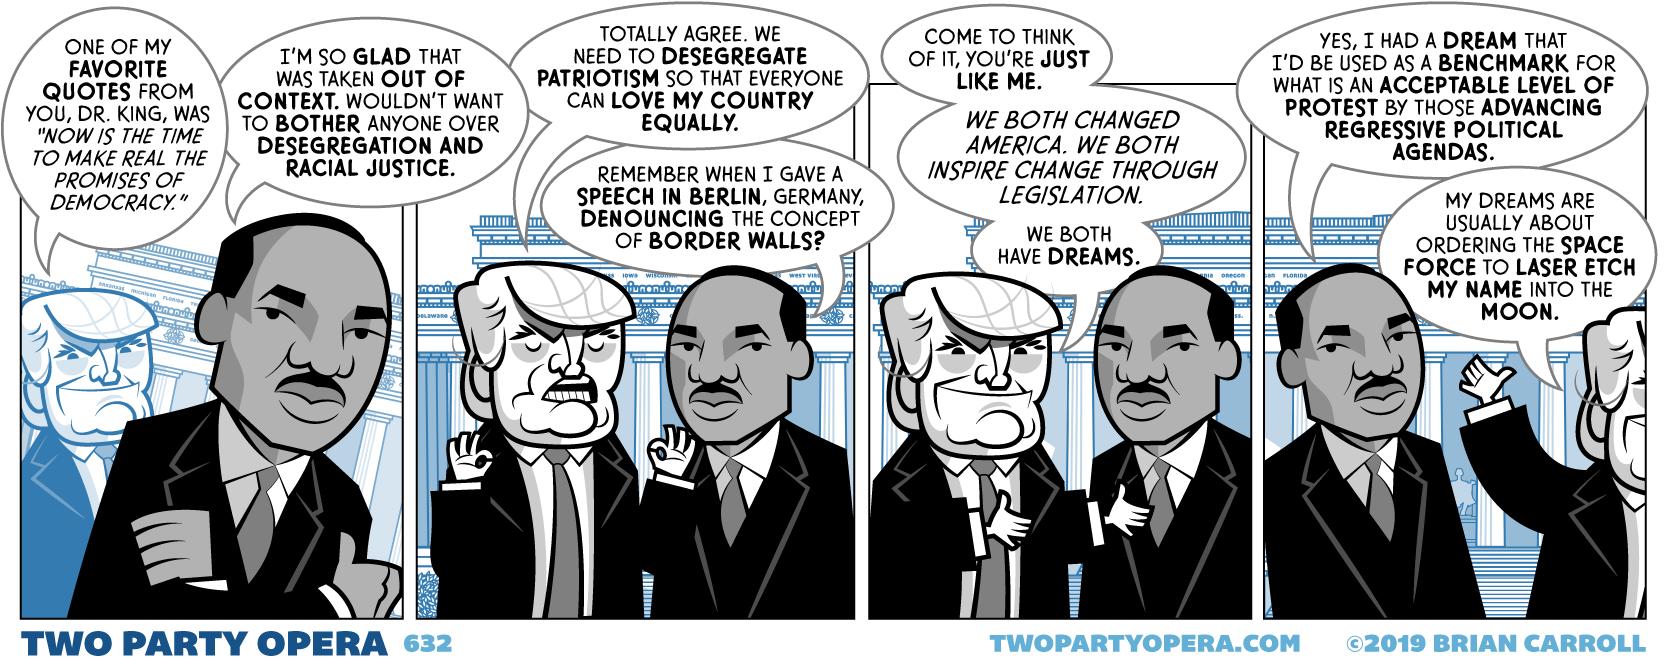 Promises of Democracy